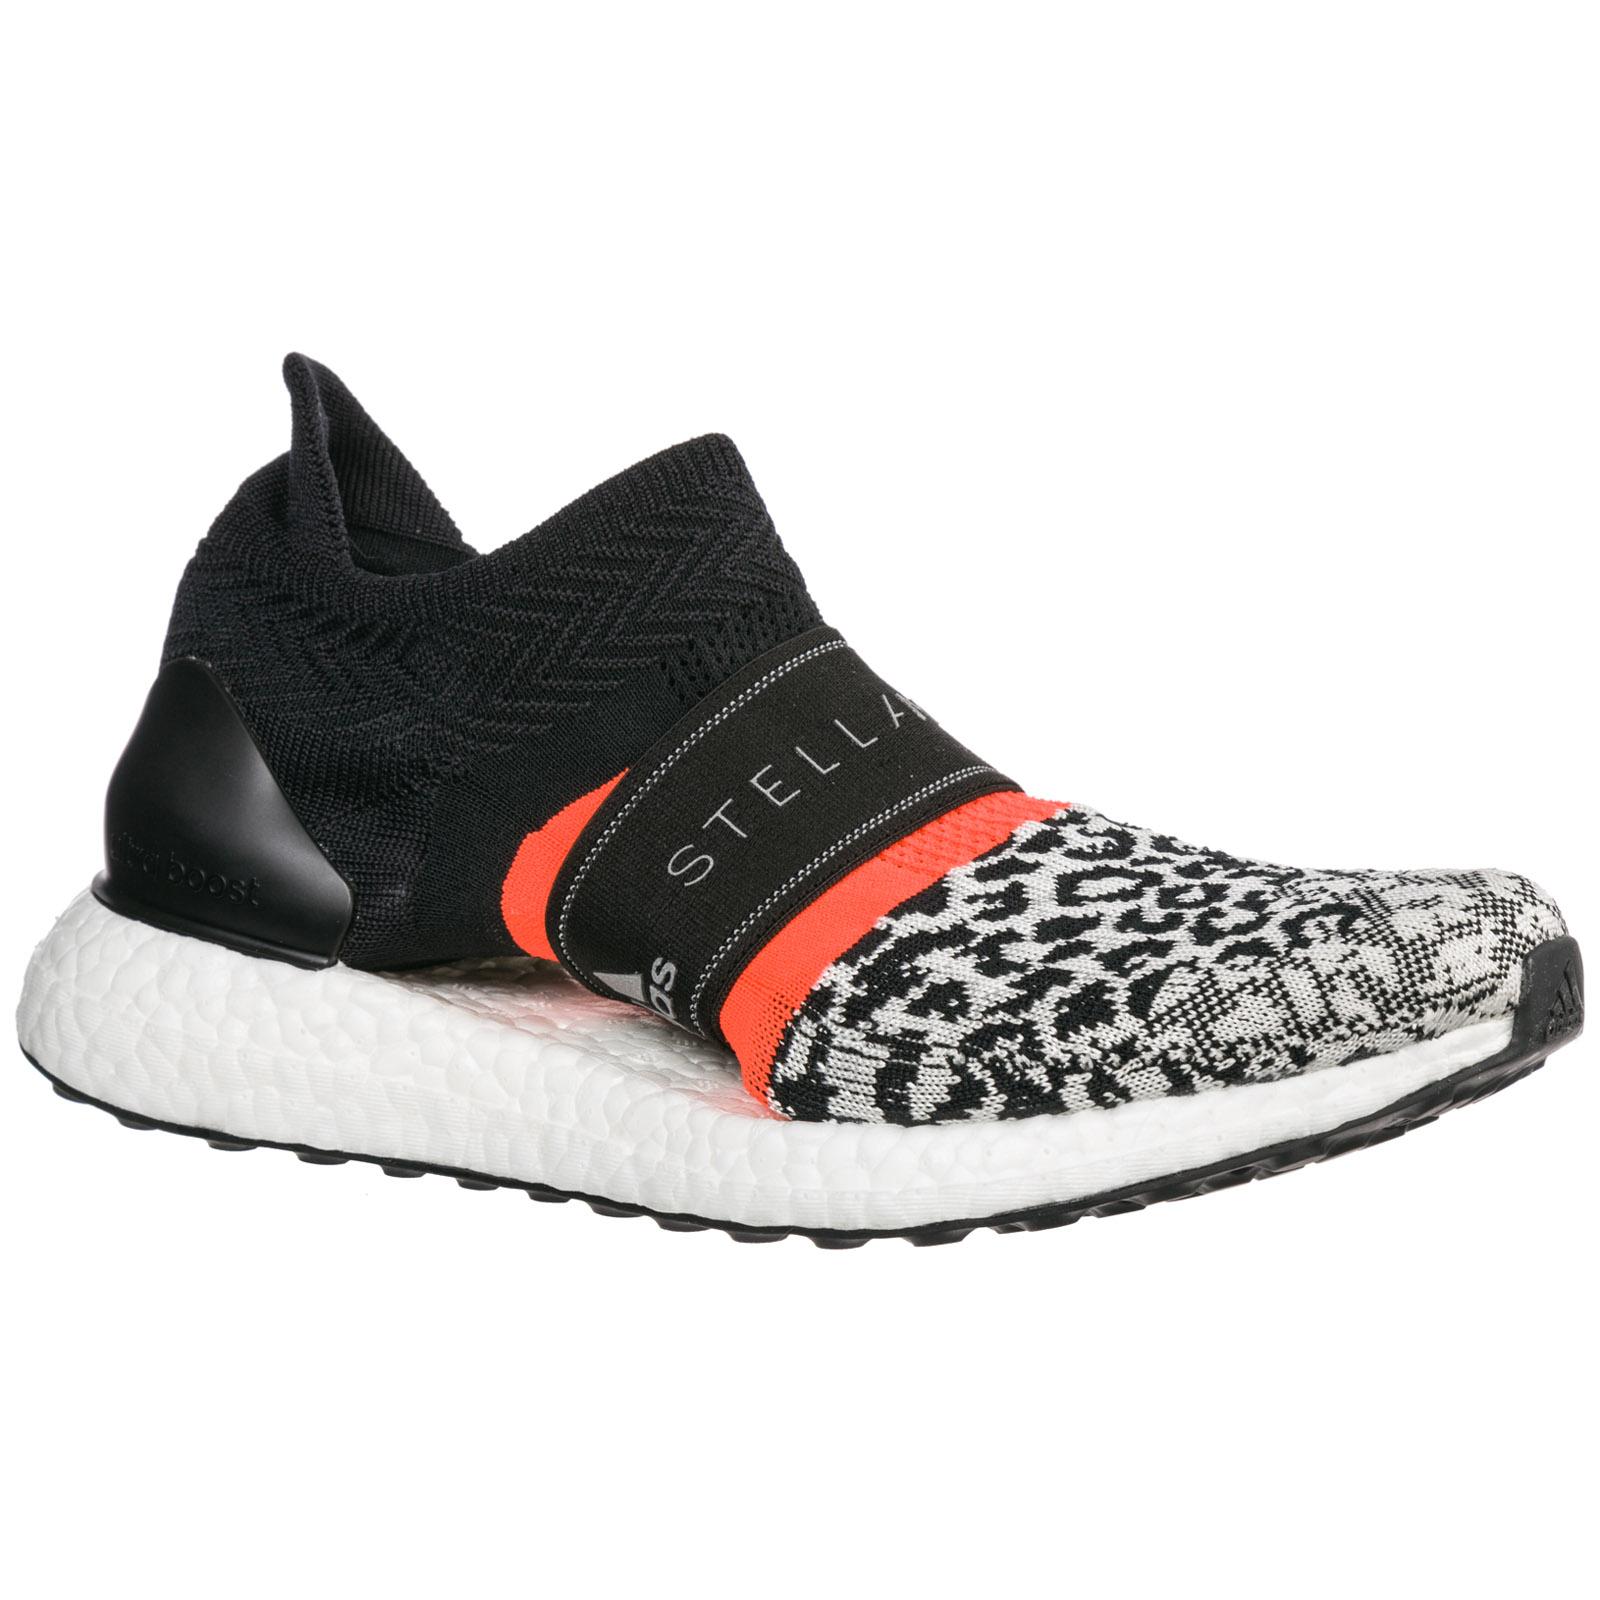 39af16040 Scarpe running Adidas by Stella McCartney Ultraboost X BC0314 nero ...